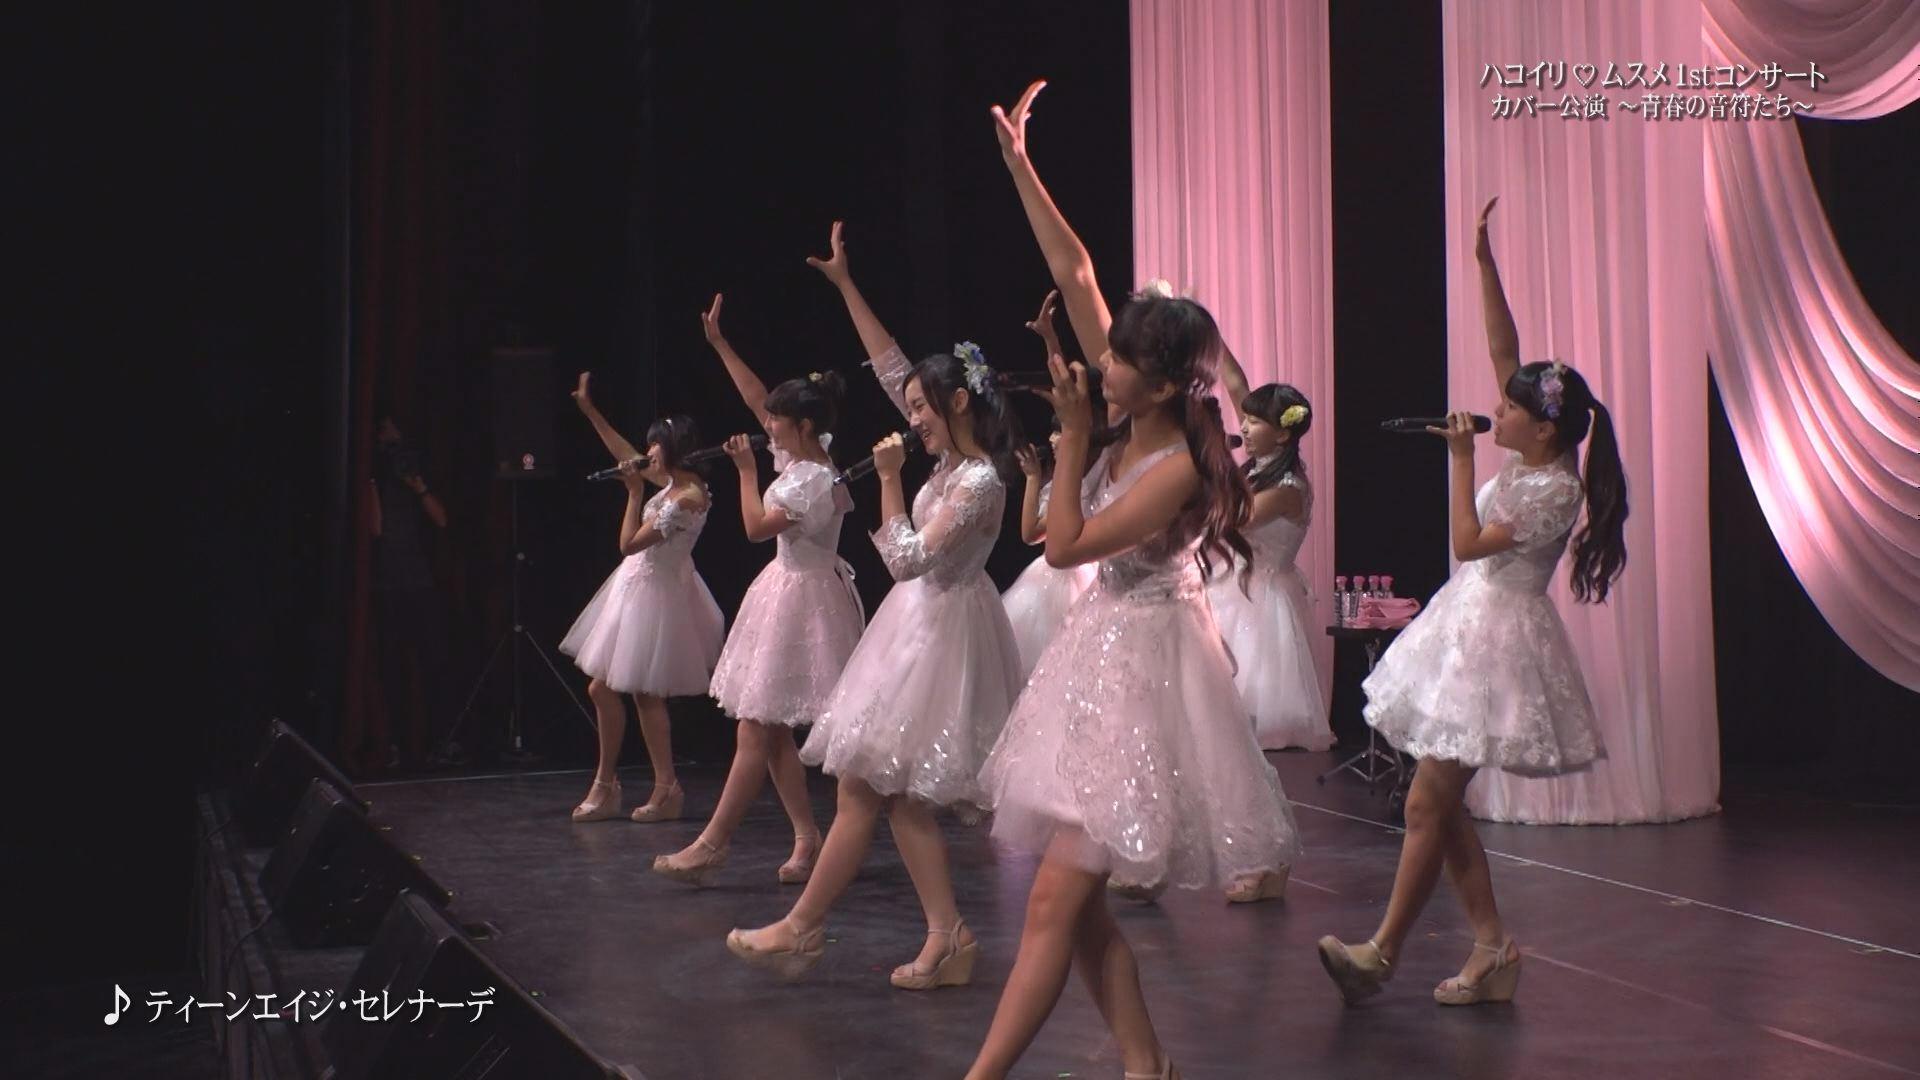 ハコイリムスメ1stコンサート~青春の音符たち~